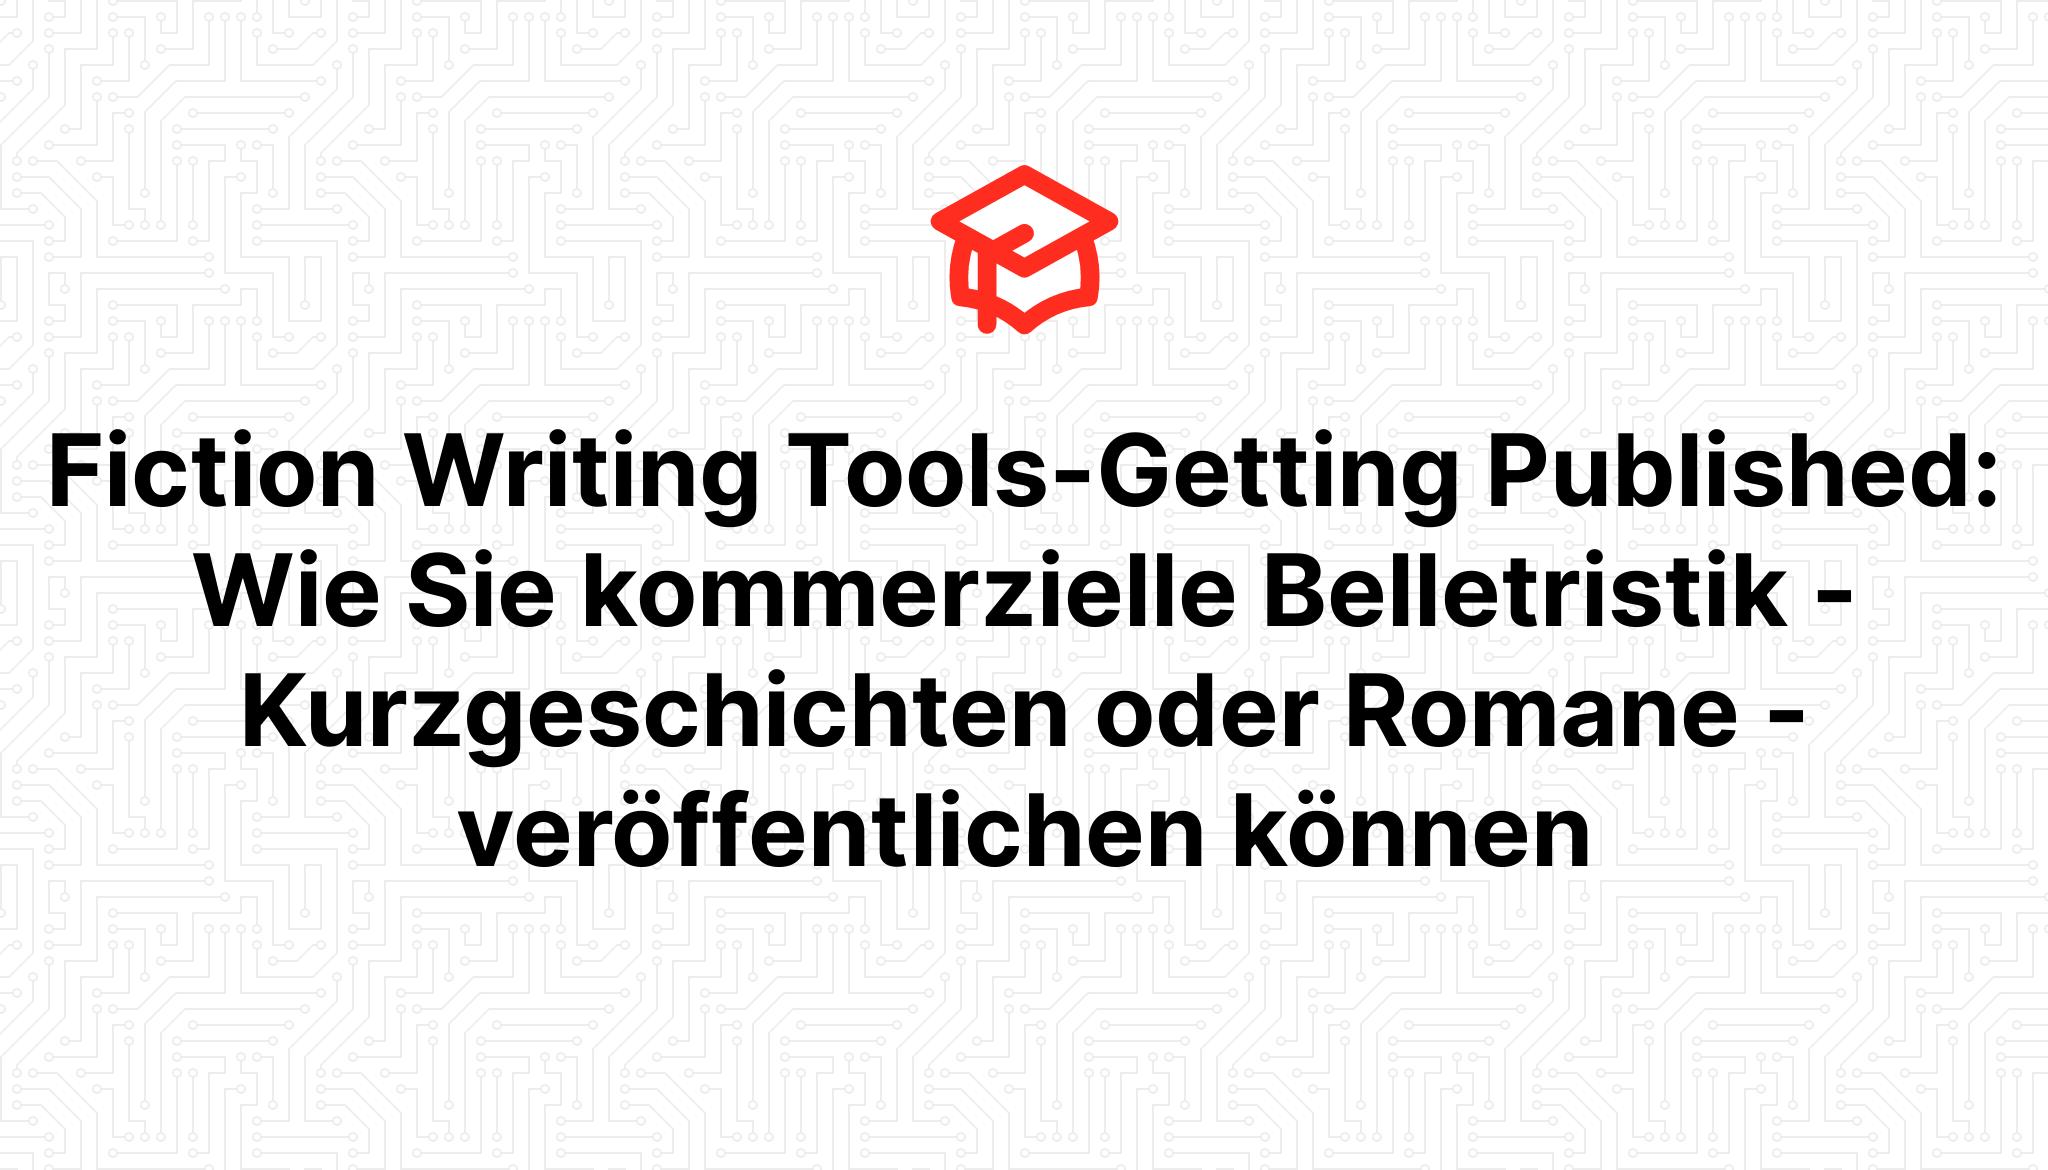 Fiction Writing Tools-Getting Published: Wie Sie kommerzielle Belletristik – Kurzgeschichten oder Romane – veröffentlichen können